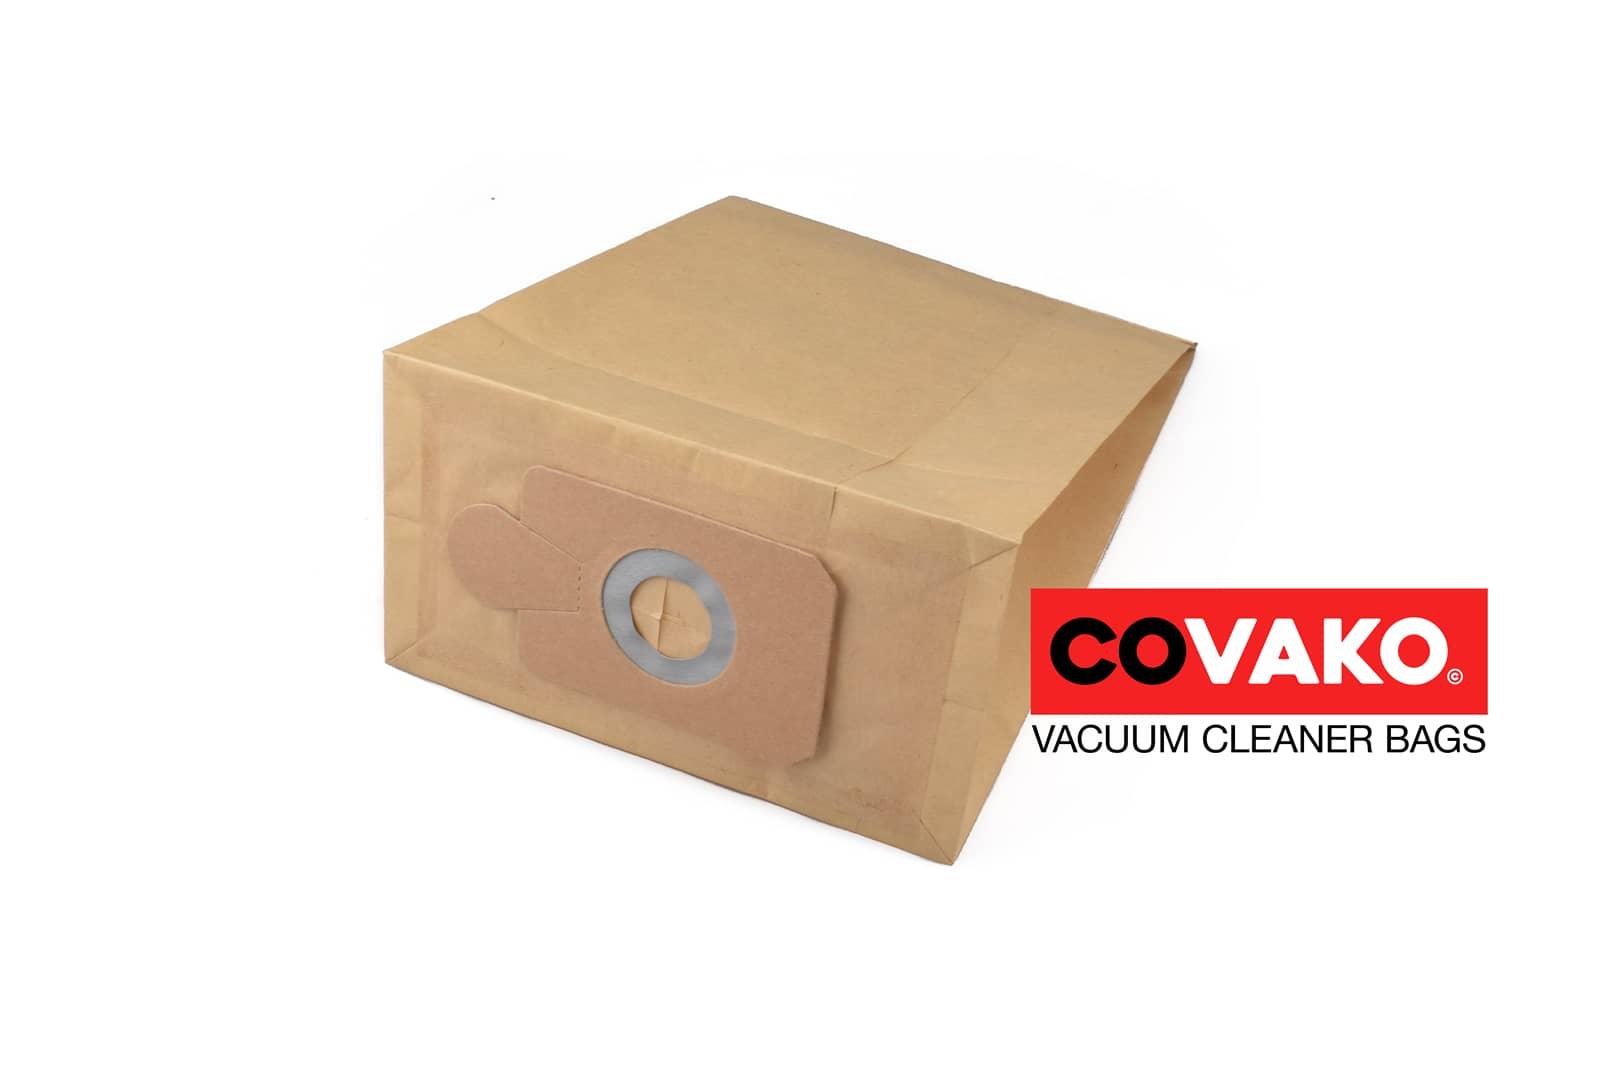 Numatic HVR 160-11 / Papier - Numatic sacs d'aspirateur